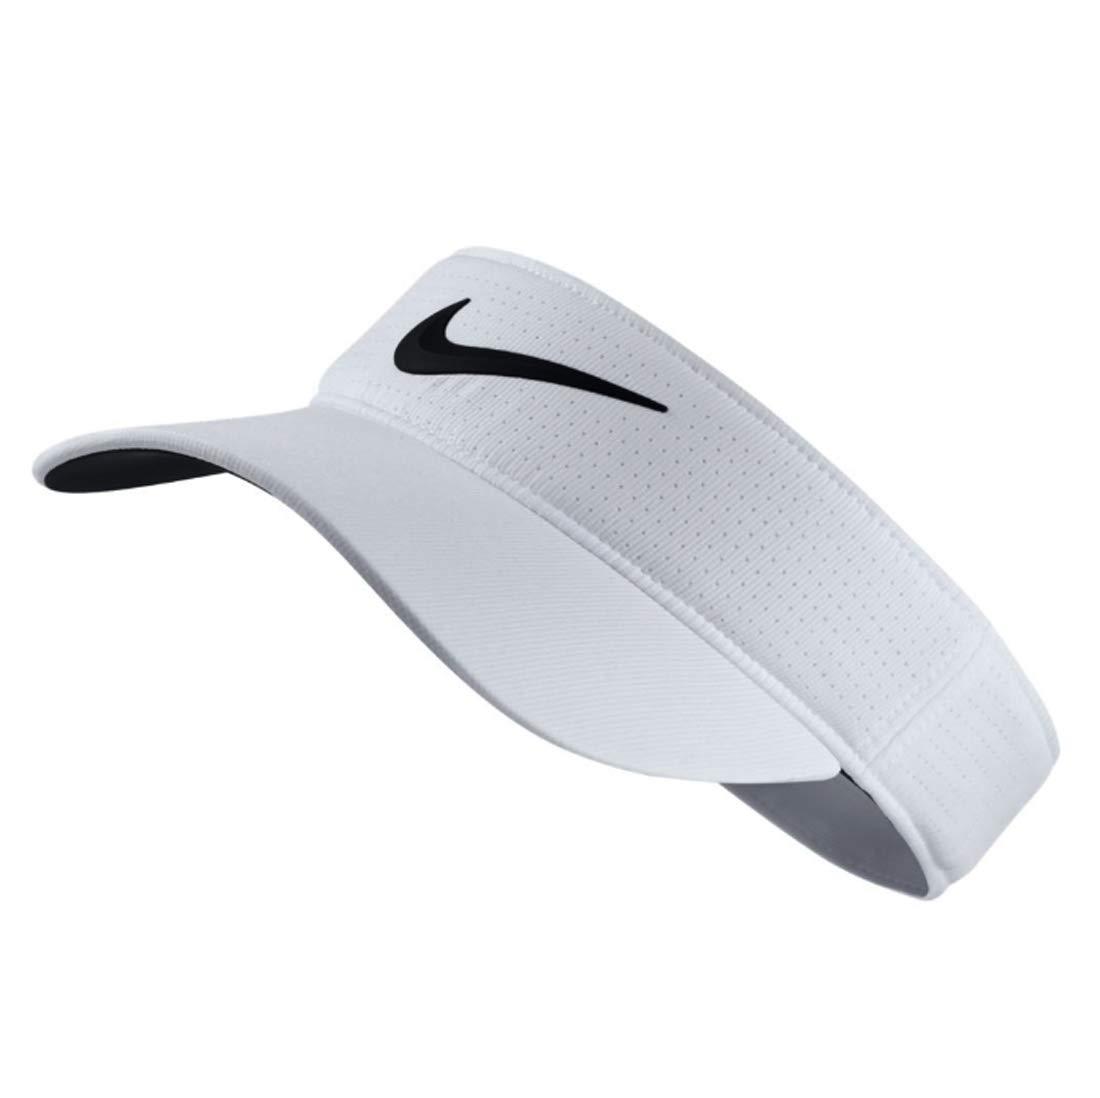 Nike Golf Women's Tech Adjustable Visor - White/Black by Nike